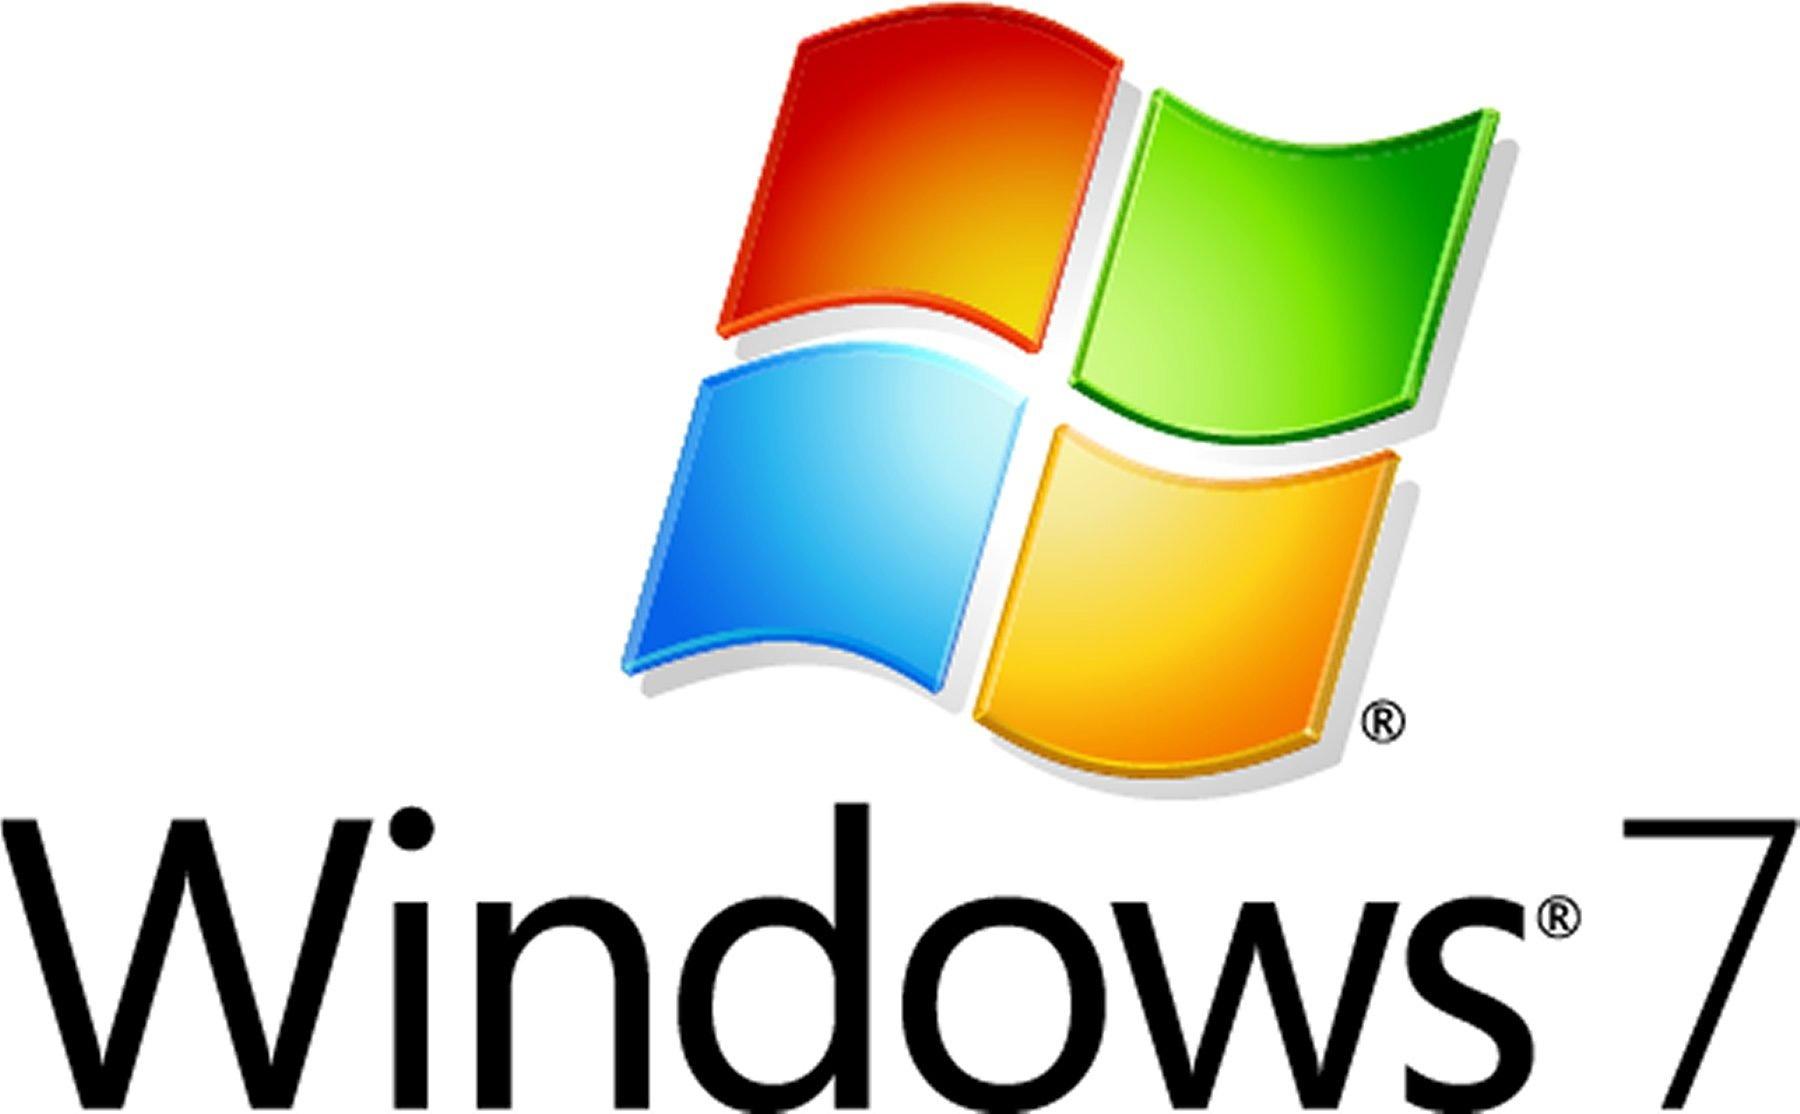 checkliste windows 7 kaufen wie sie am g nstigsten zur vollversion kommen gamestar. Black Bedroom Furniture Sets. Home Design Ideas